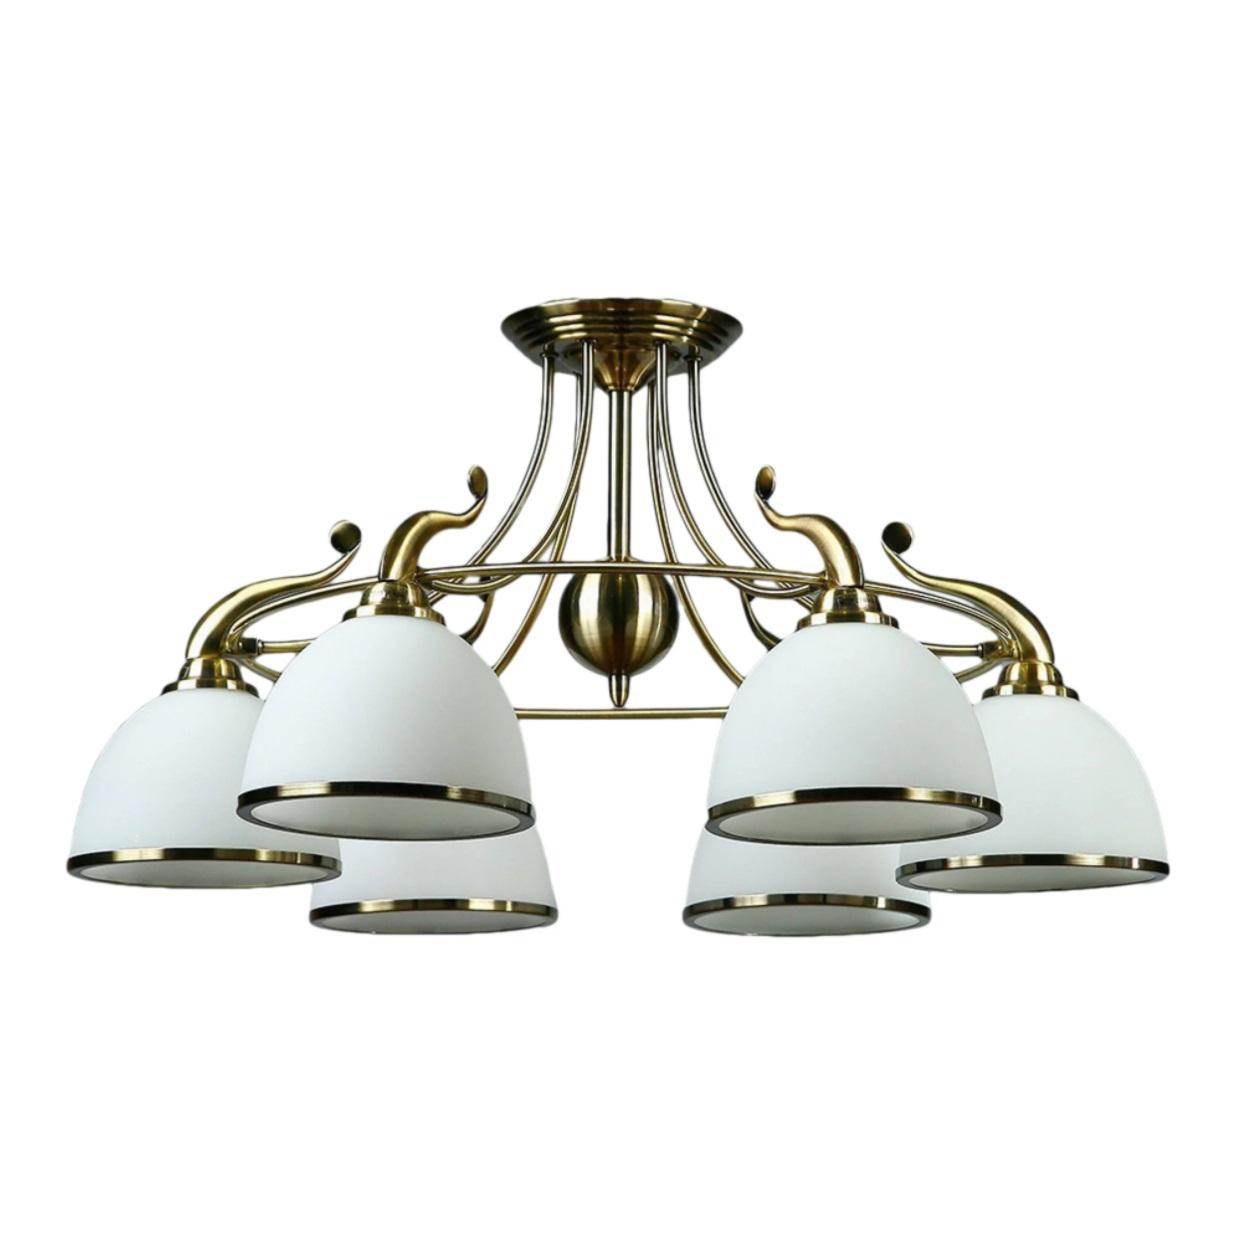 Светильник потолочный Brizzi ma 02401cb/006 bronze